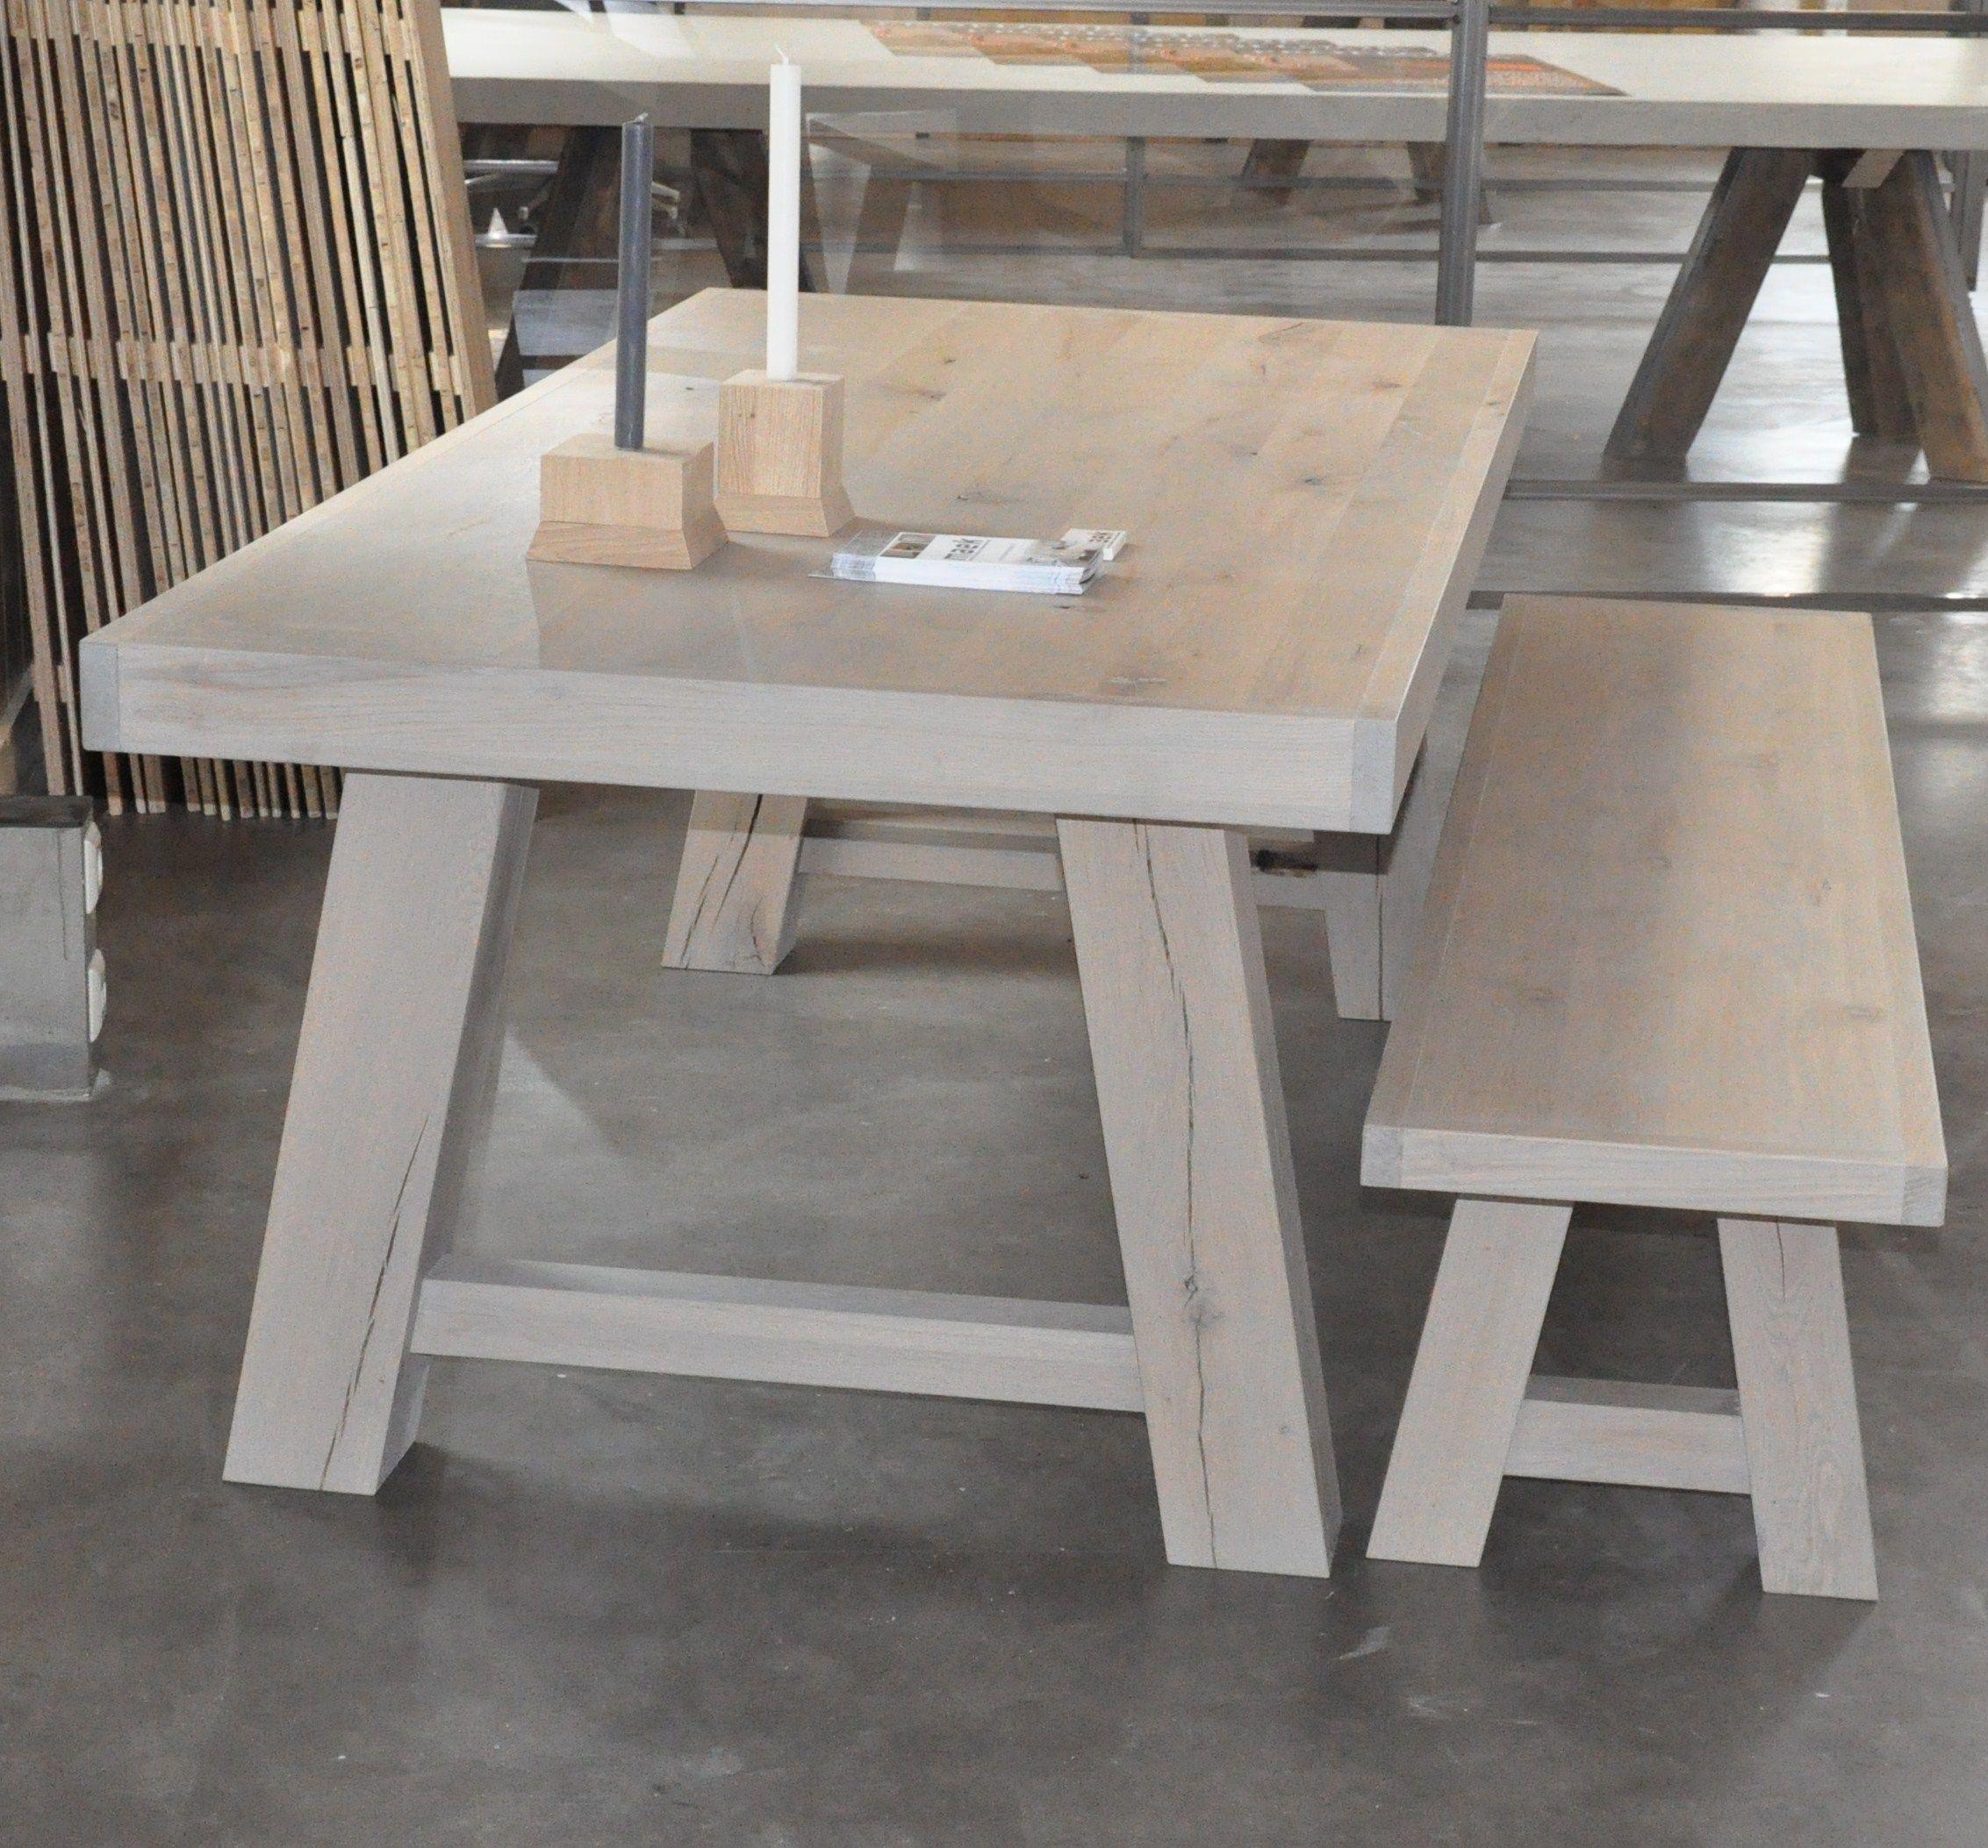 Grove eiken tafel met bijpassend bankje van maek meubels for Eiken design tafel